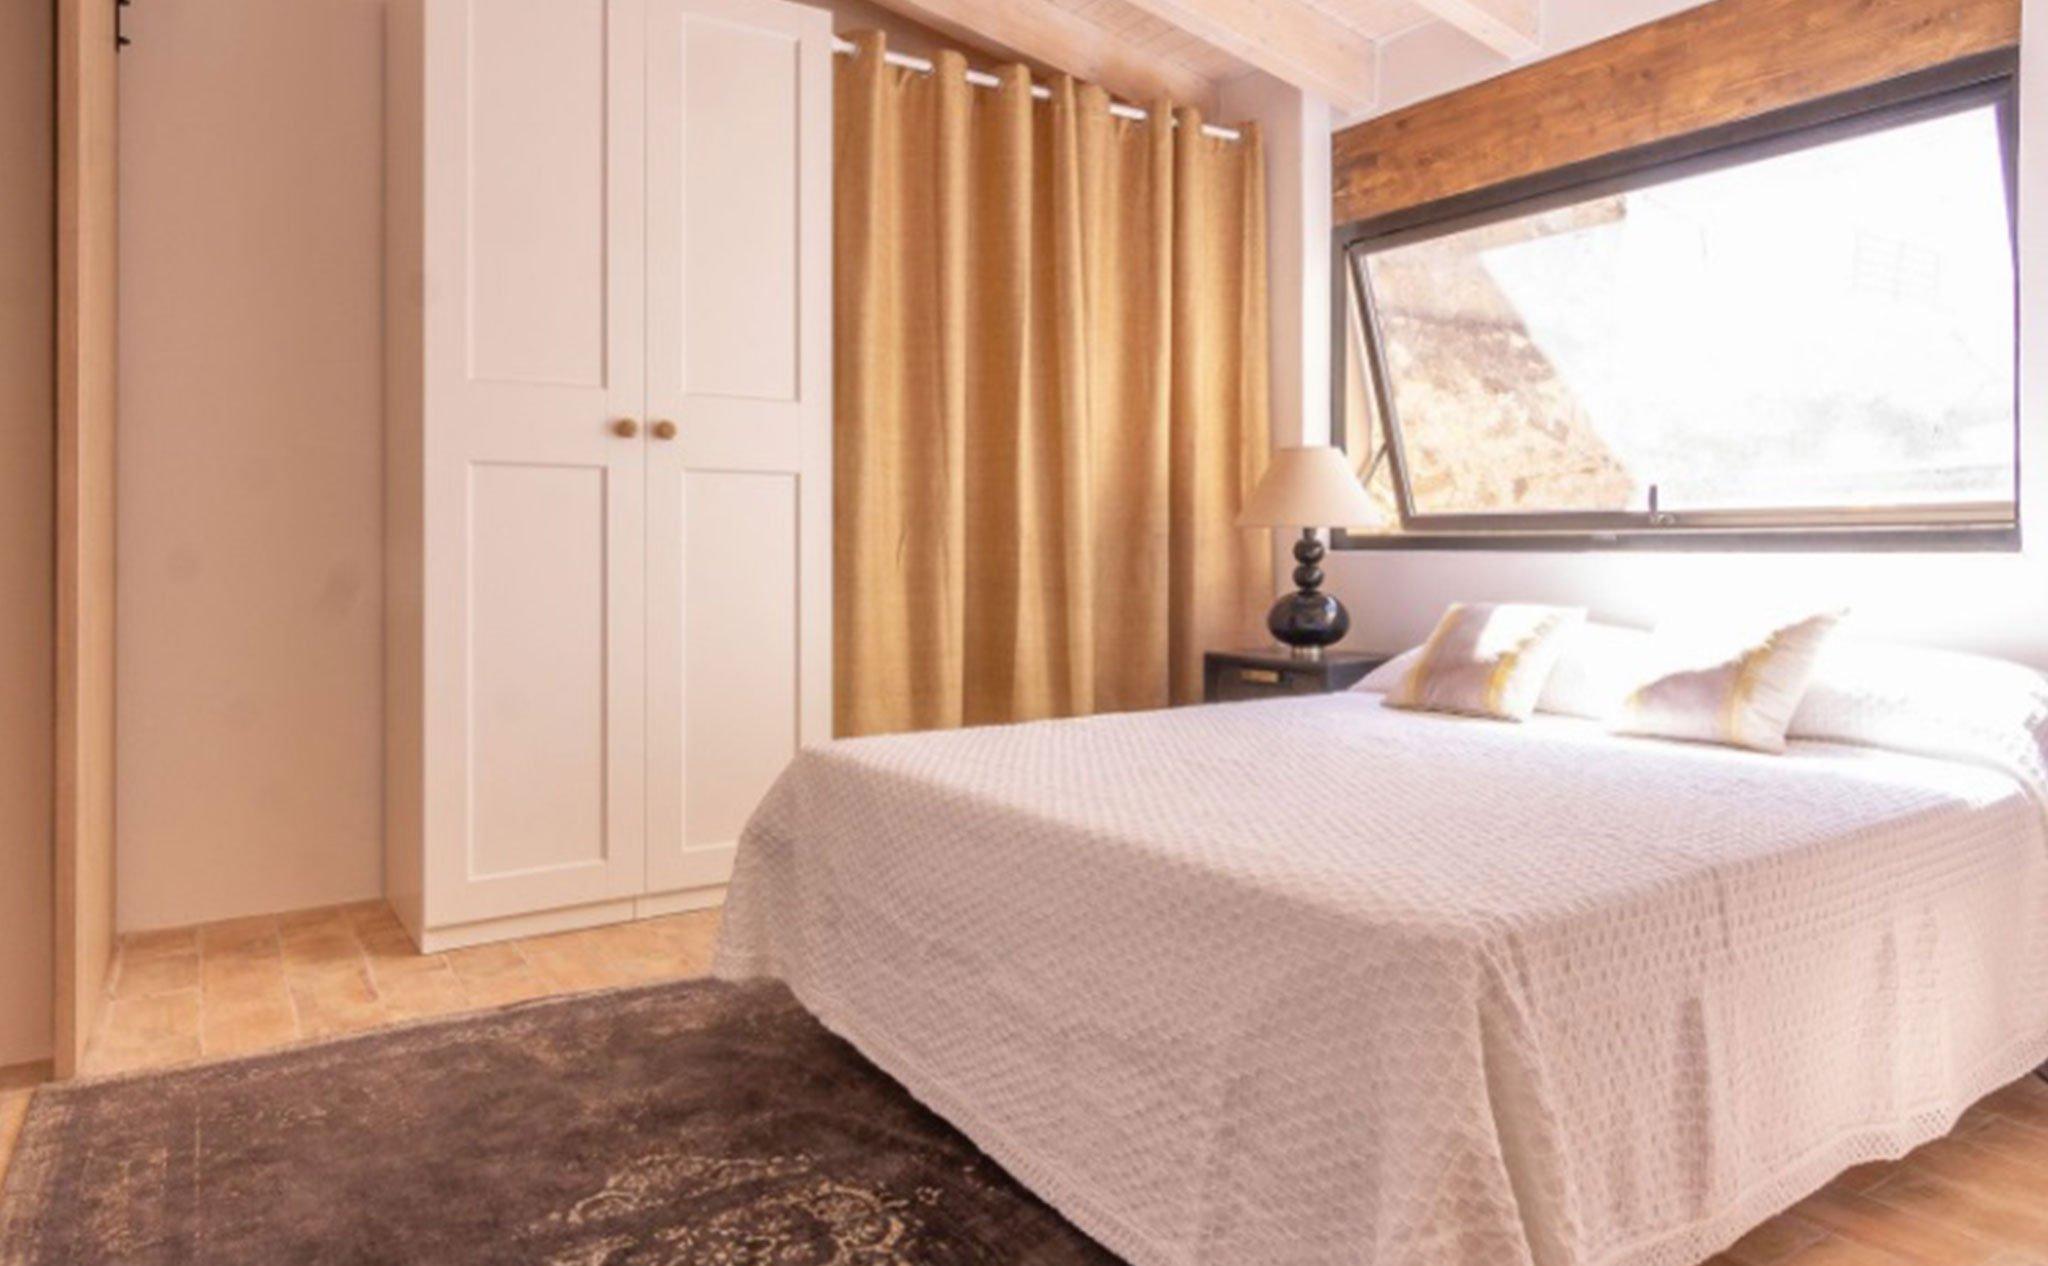 Habitación en una casa de pueblo en venta en el centro de Xàbia – MORAGUESPONS Mediterranean Houses